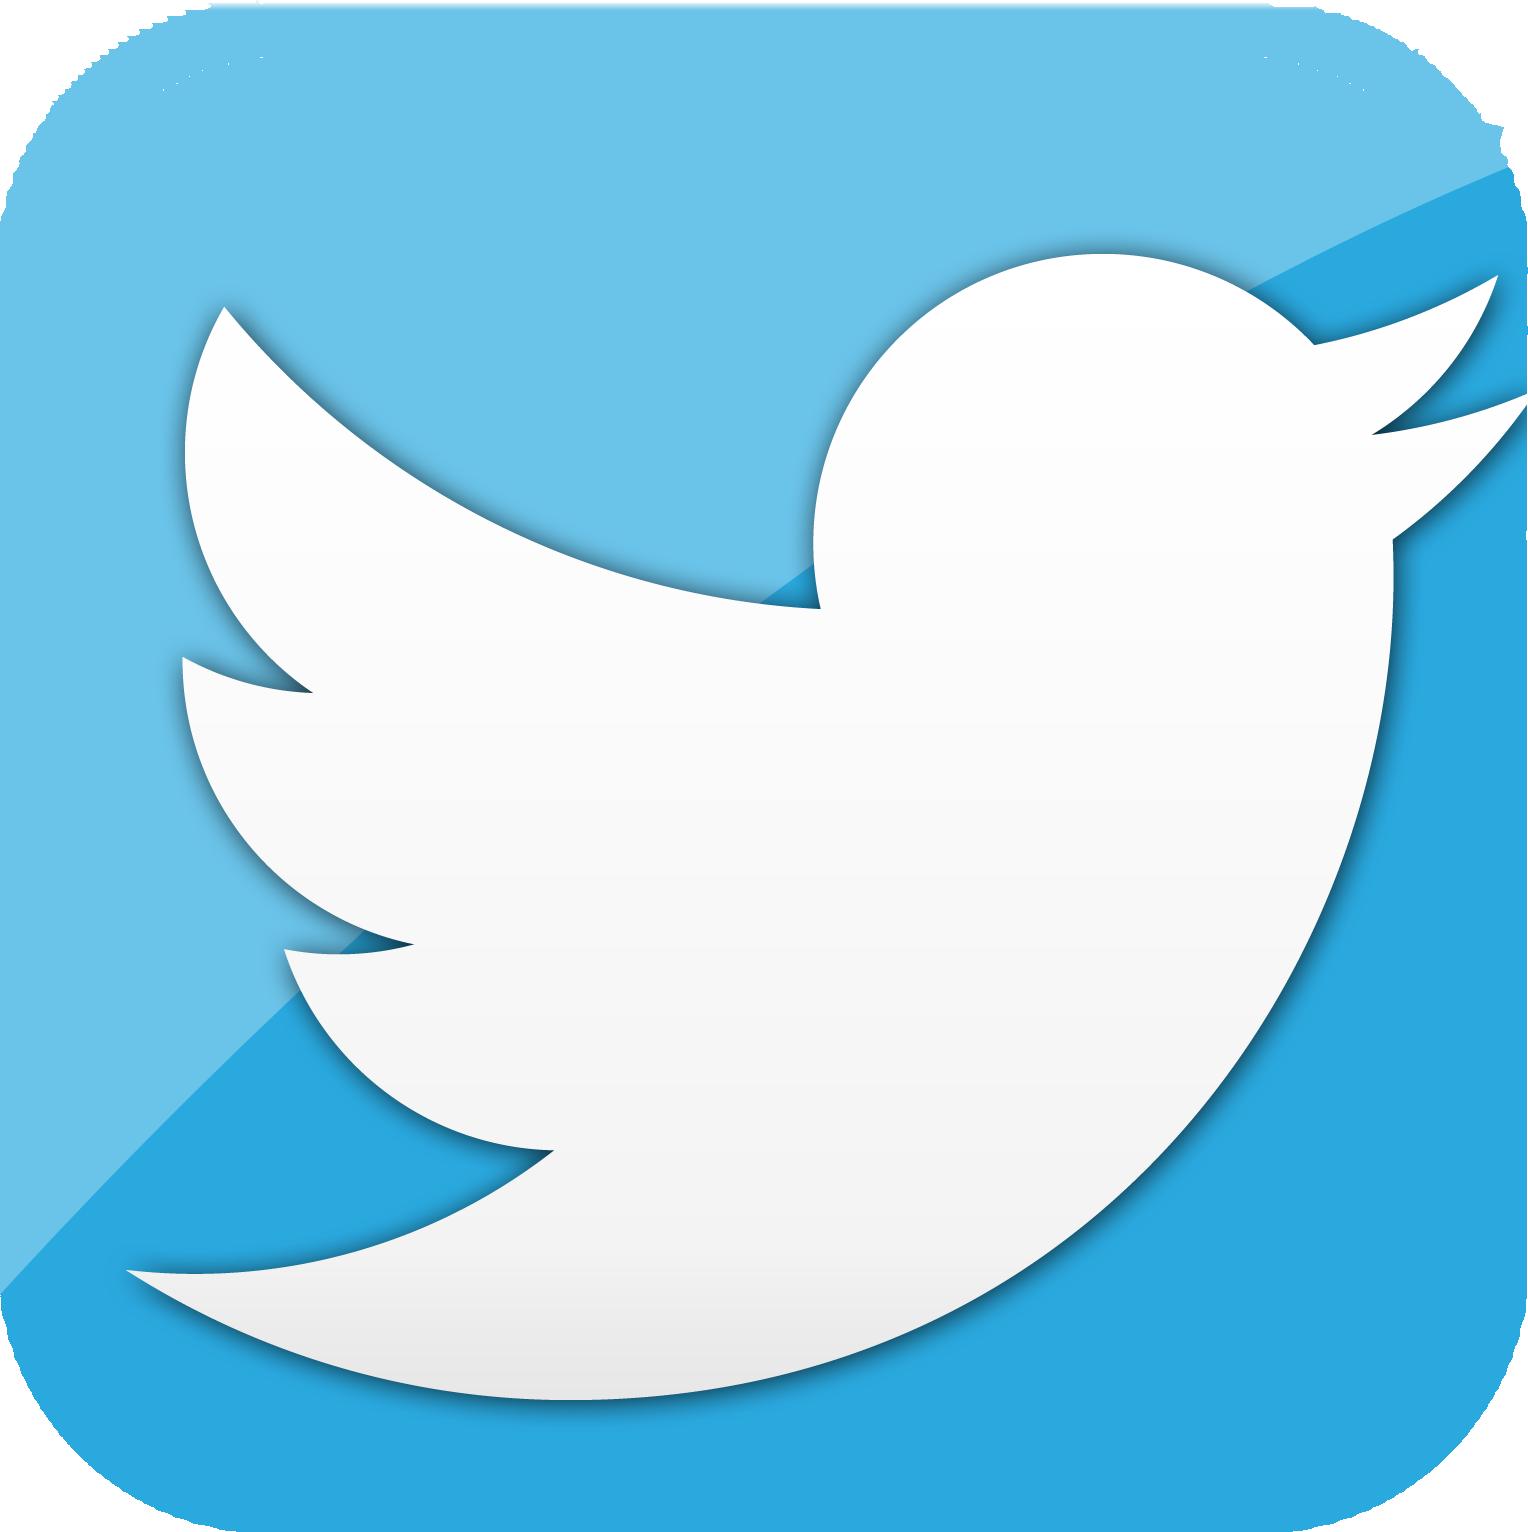 TwitterBird - Twitter PNG Logo